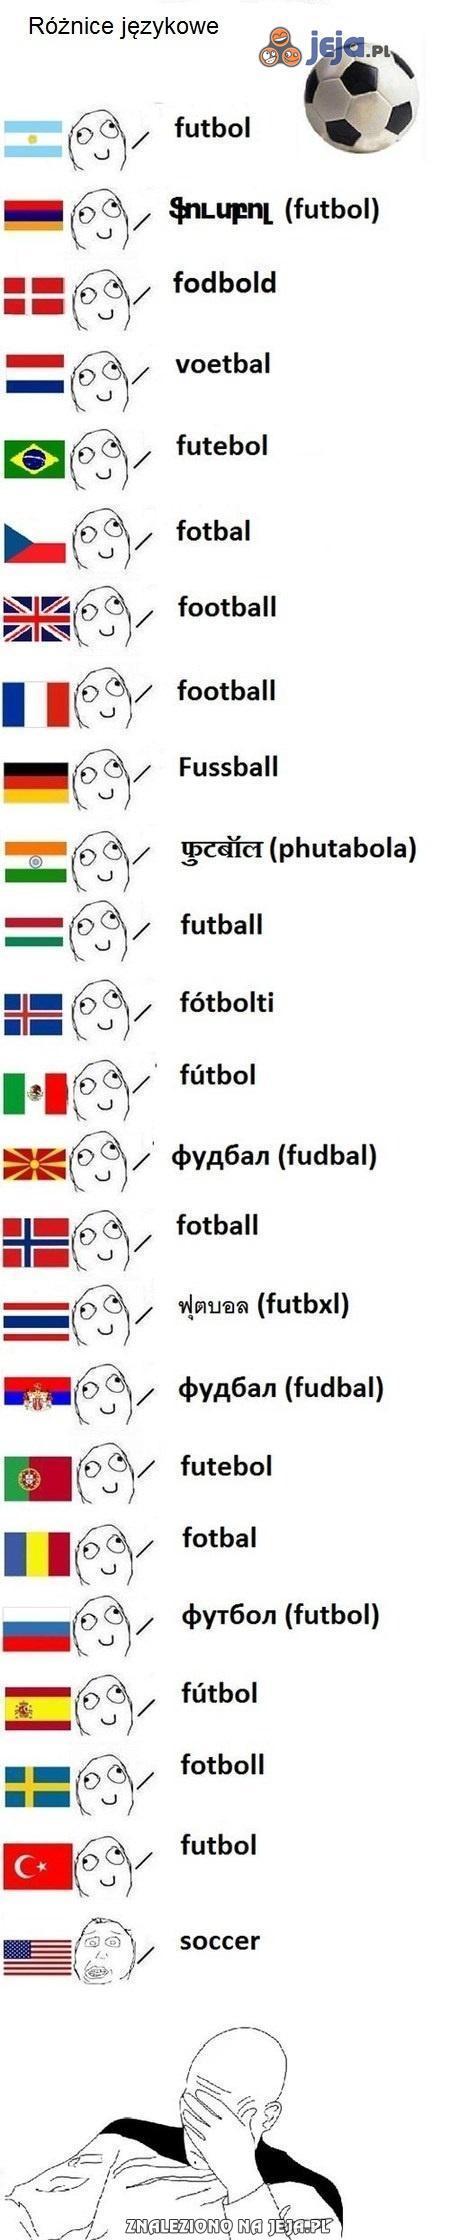 Ach, te różnice językowe...